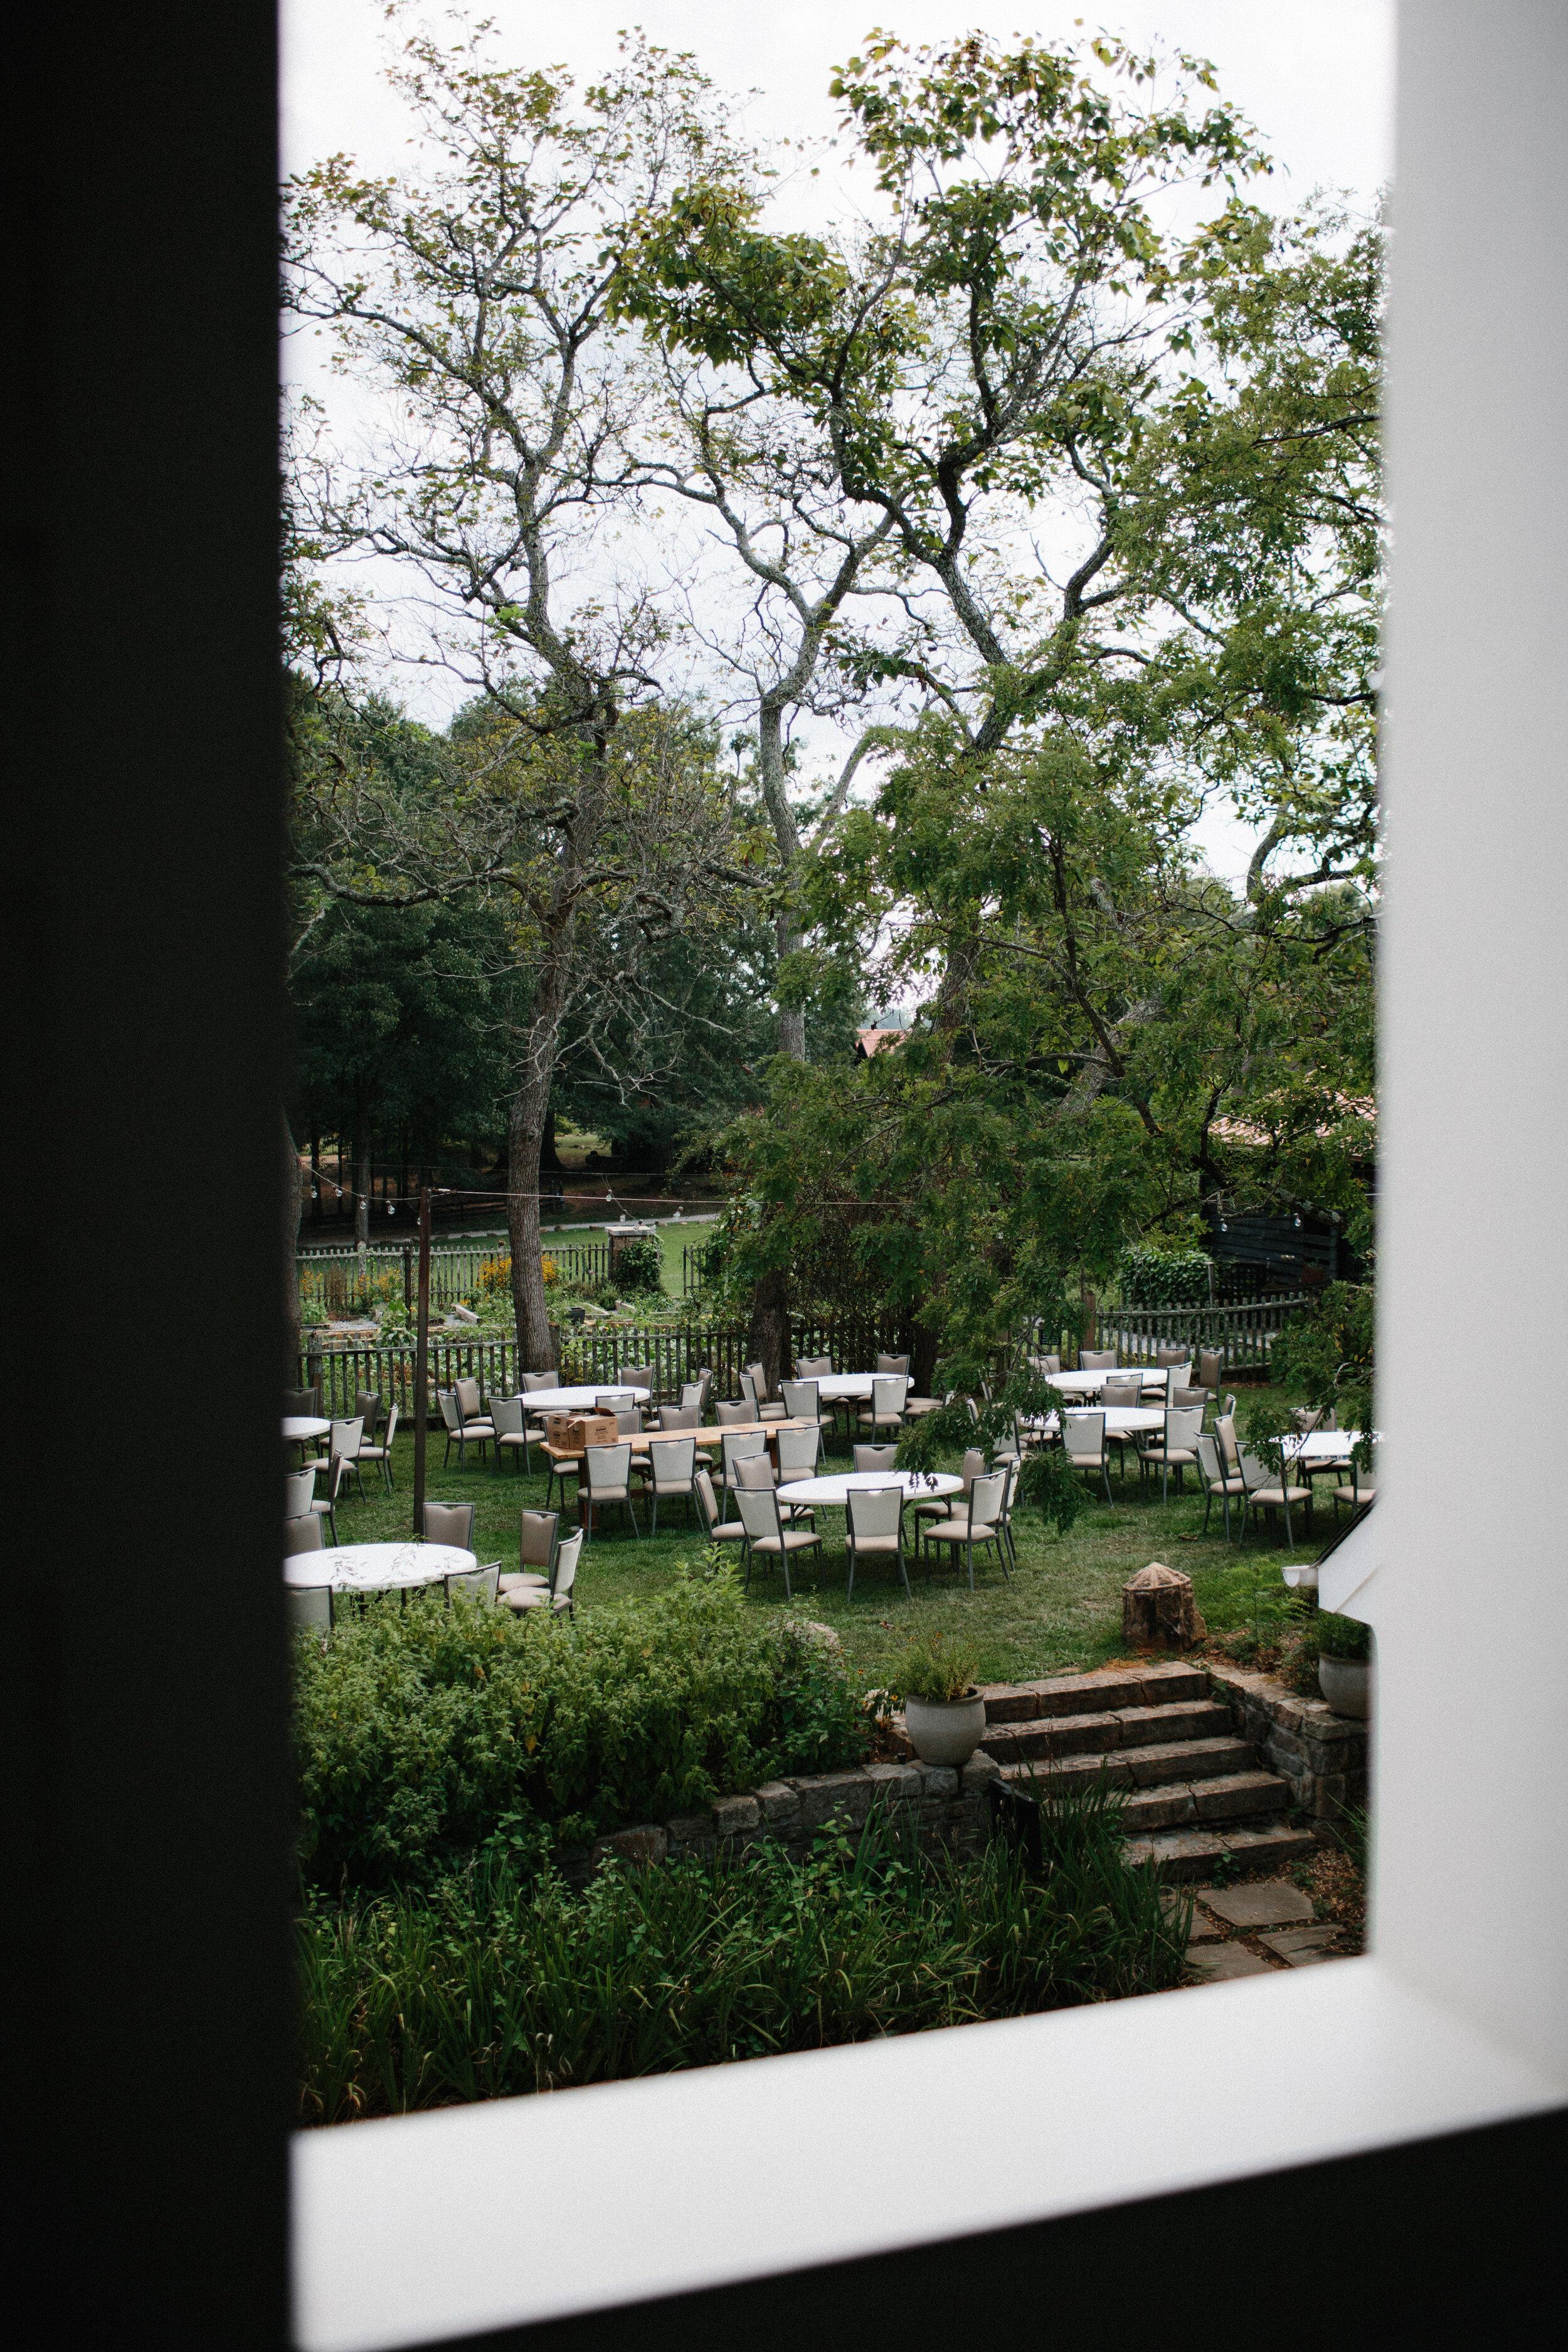 serenbe_forest_summer_wedding_farmhouse_guest_house_garden_3000.jpg